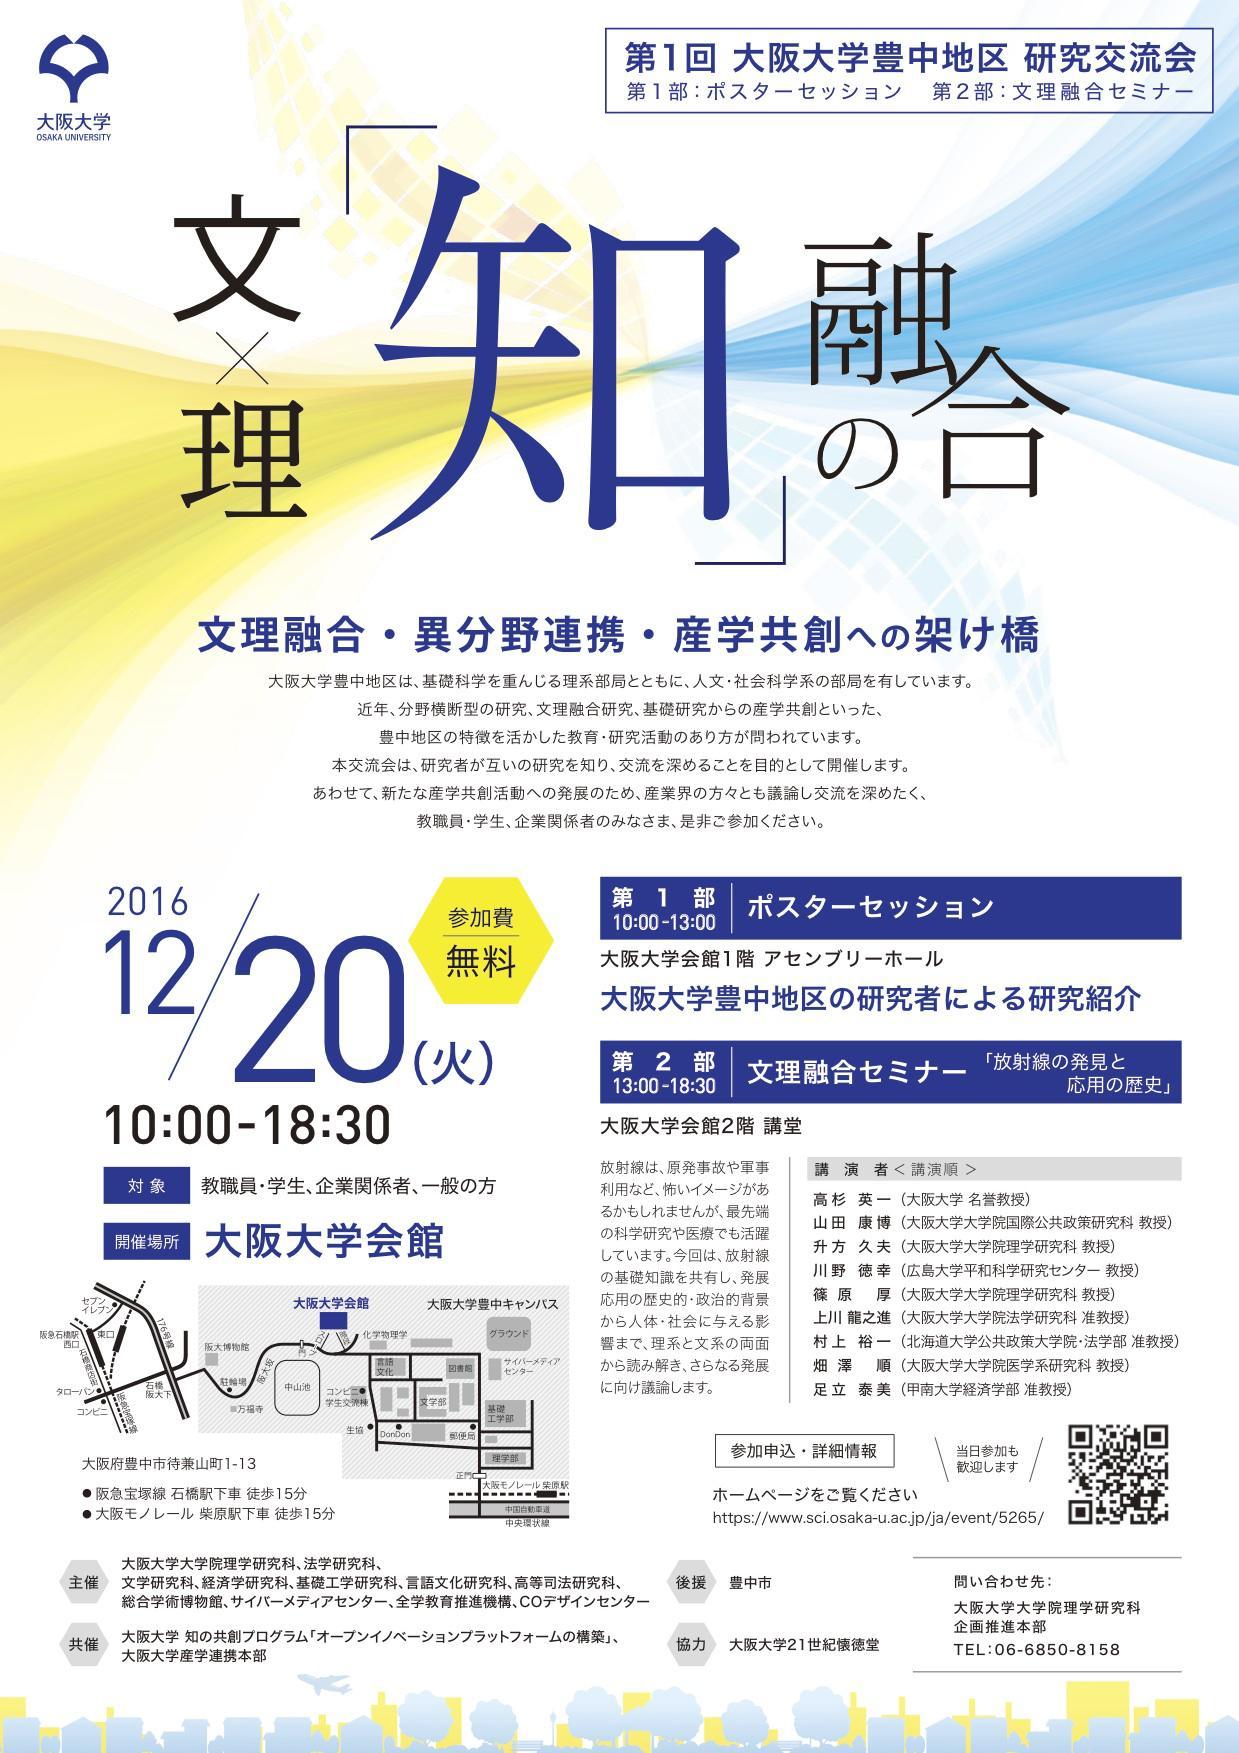 170113豊中研究交流会 のコピー .jpg